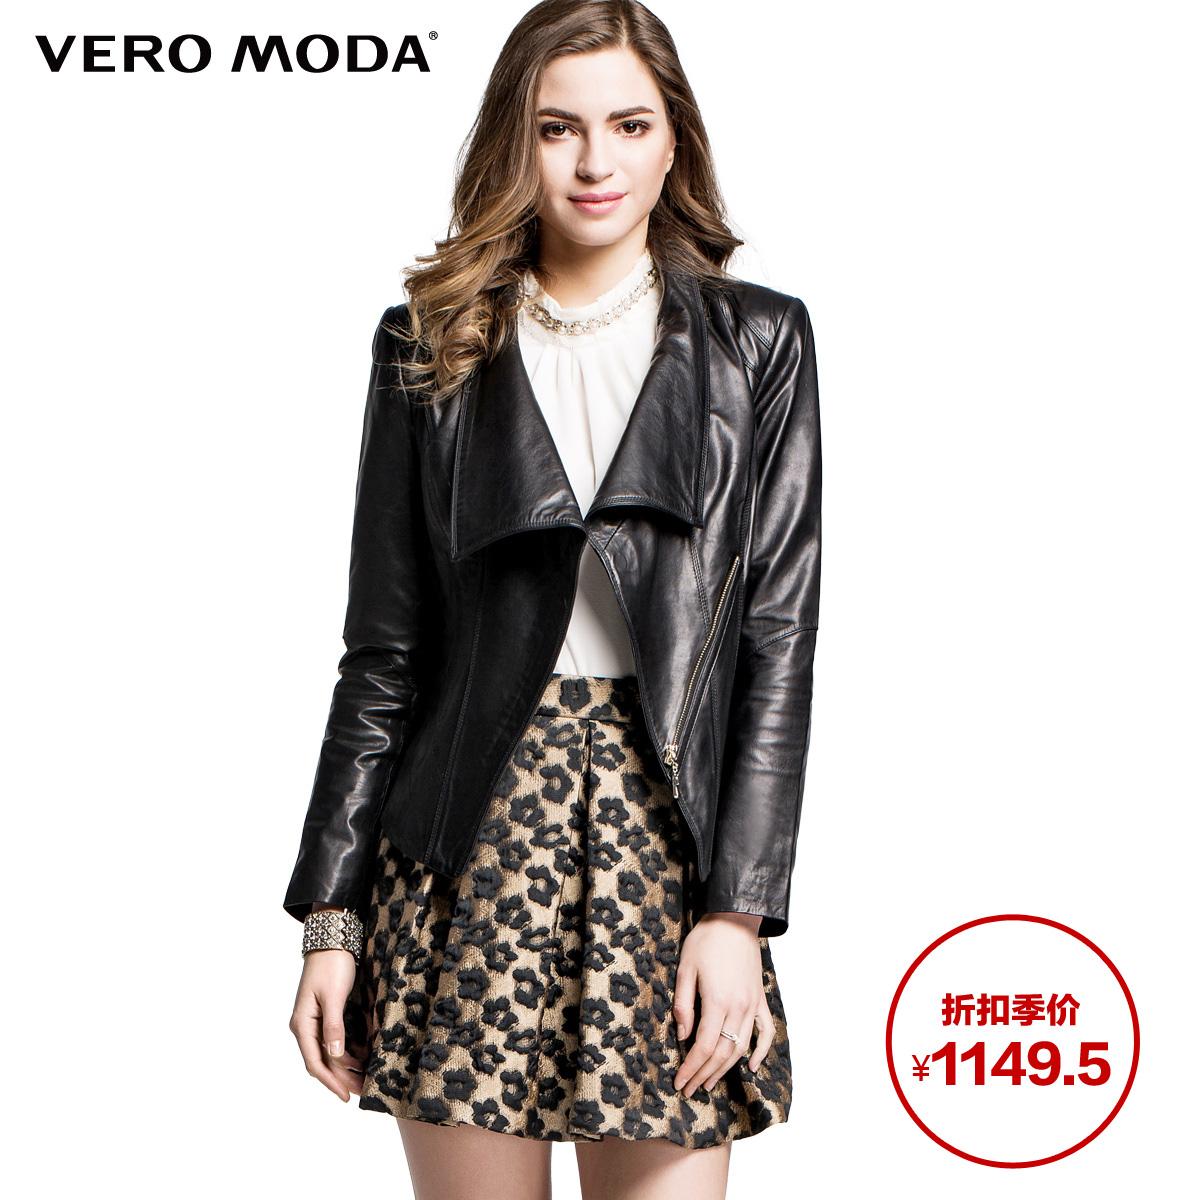 Кожаная куртка VERO MODA 315110012 1149.5 куртка vero moda 10191226 black